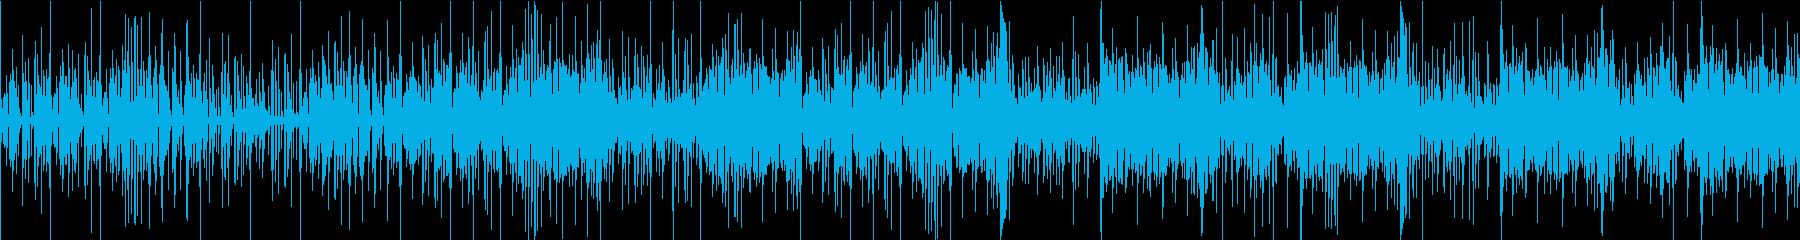 Loop   Cooking Break Beat's reproduced waveform